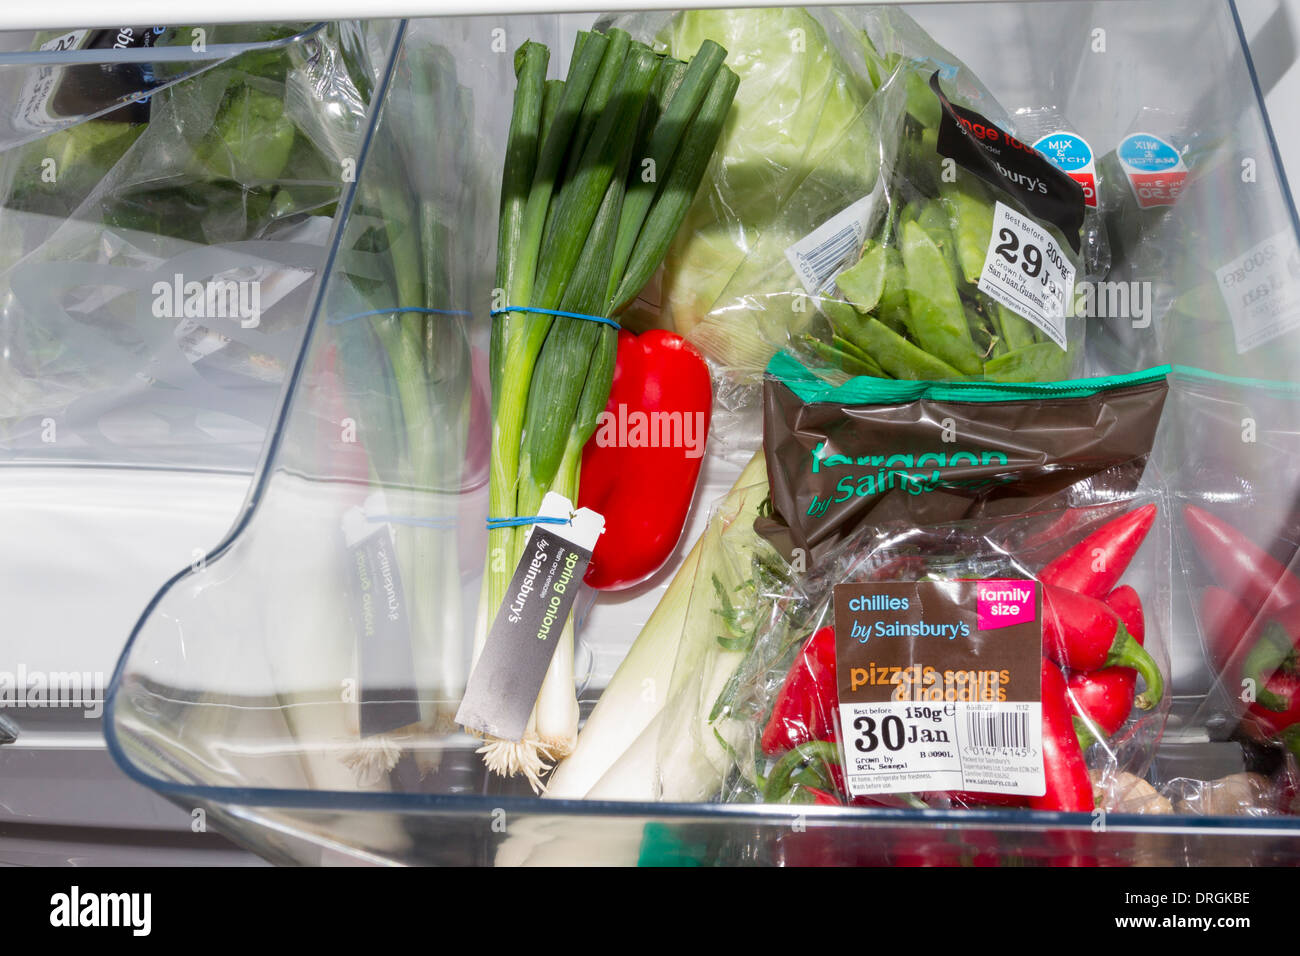 Elementi di insalata/produrre mantenuto fresco all'interno di un frigorifero Immagini Stock